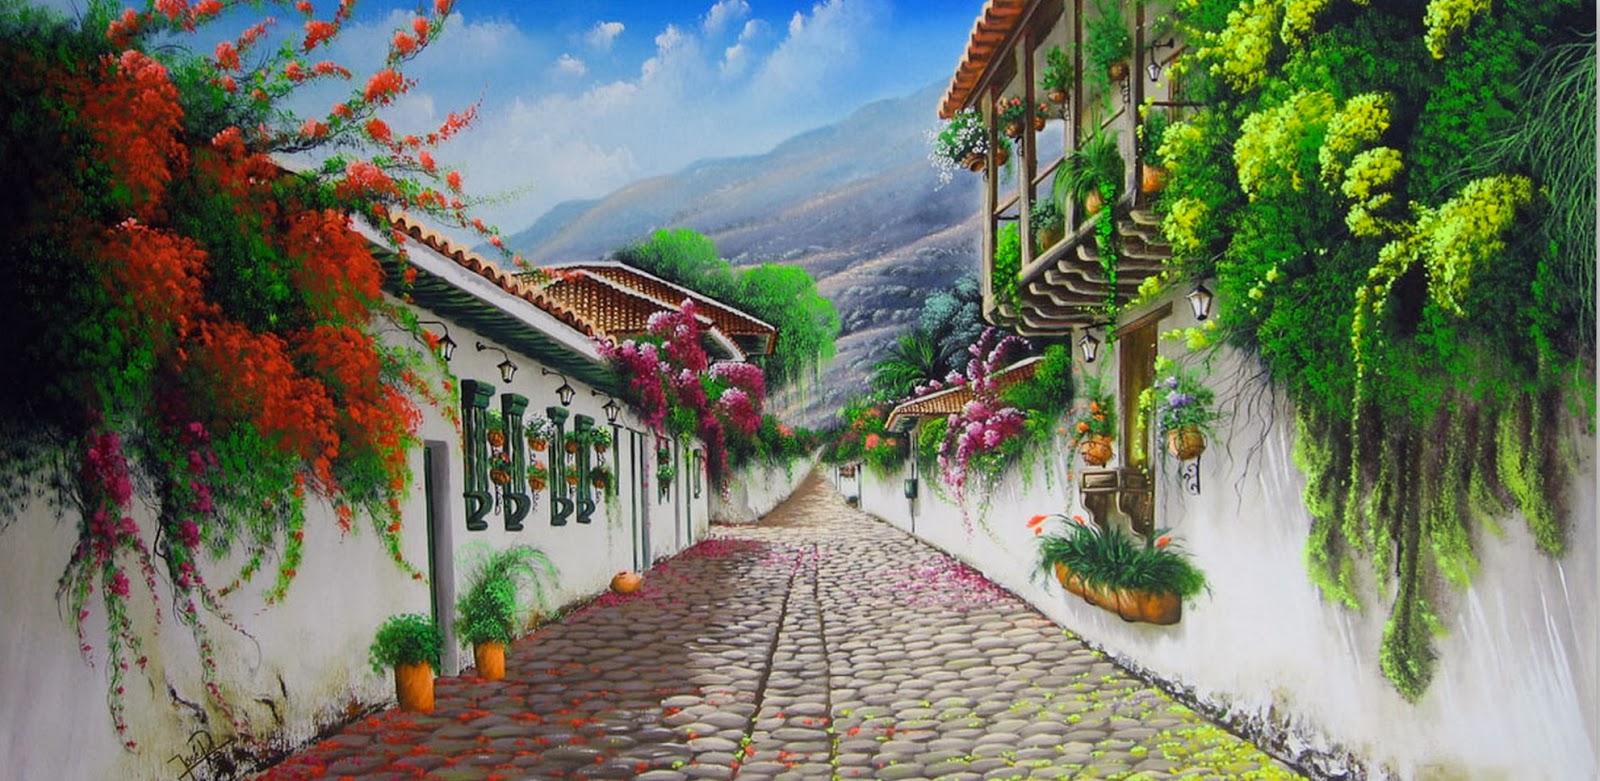 pintores-de-paisajes-colombianos